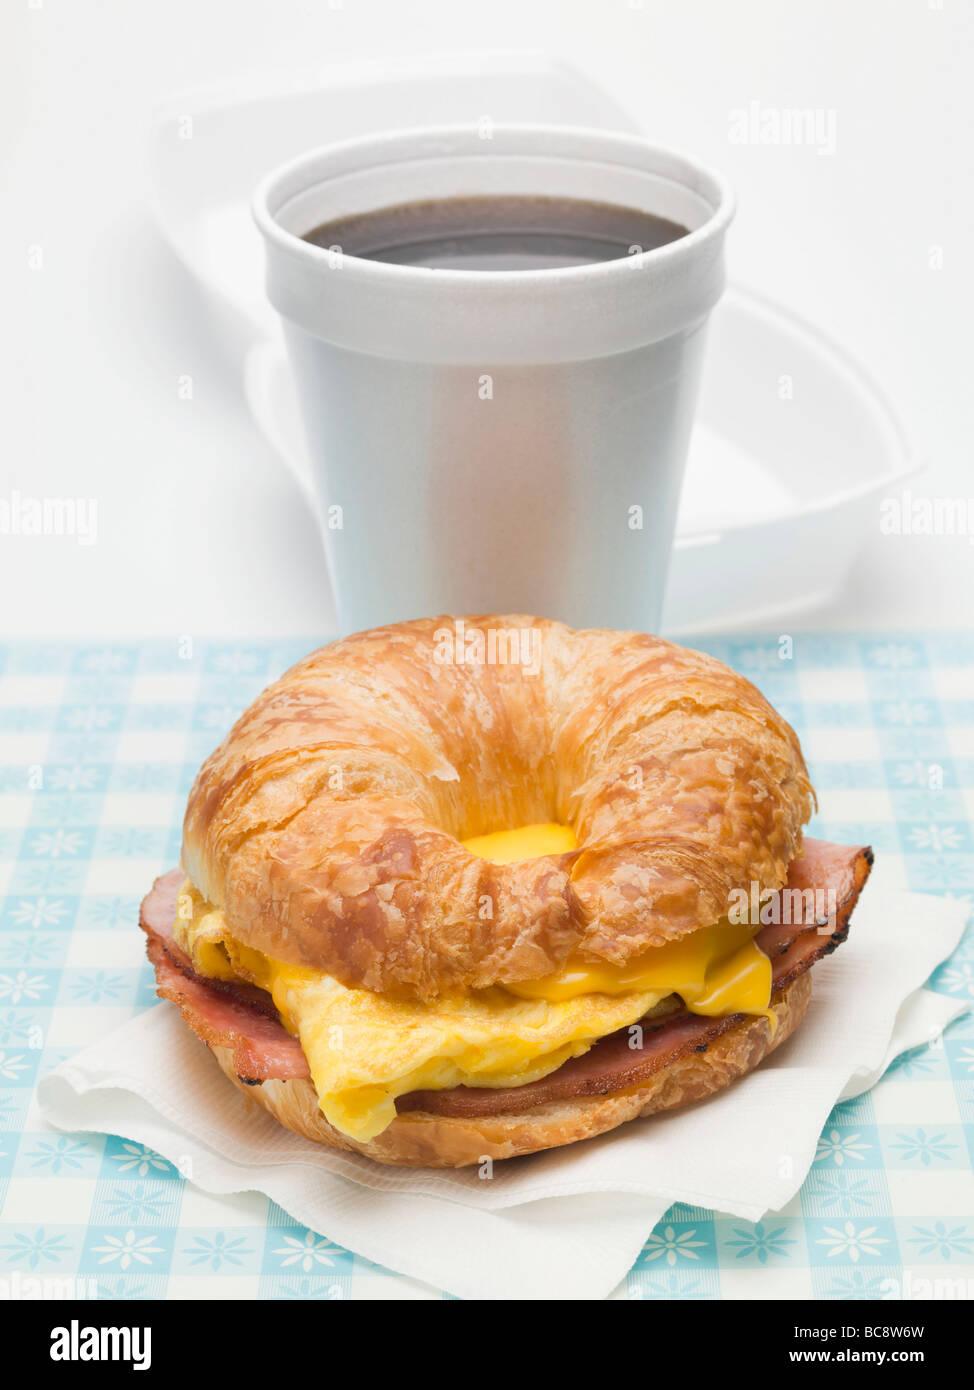 Croissant mit Rührei, Käse & Speck, Kaffee- Stockbild